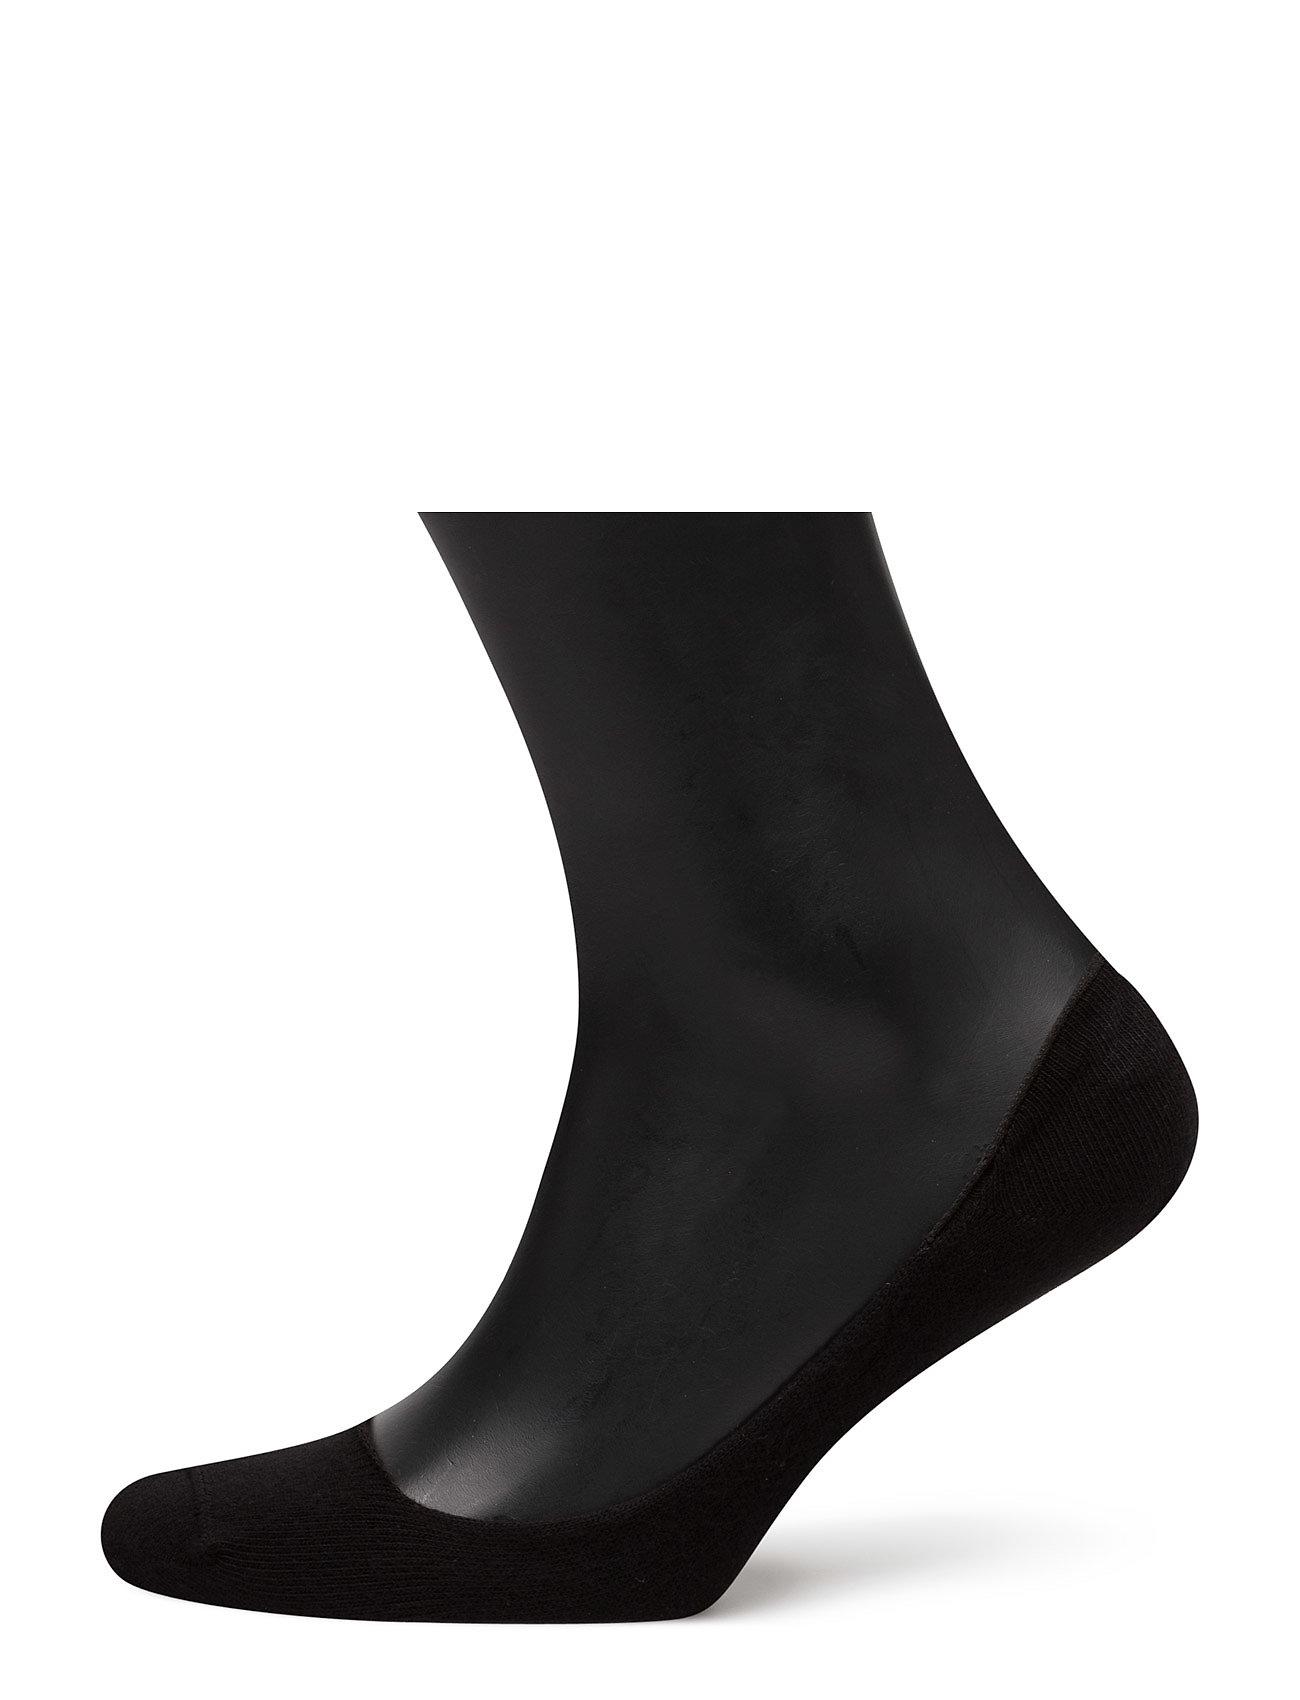 Image of Ladies Thin Ballerina Footie Lingerie Socks Footies/Ankle Socks Sort Decoy (3189522827)